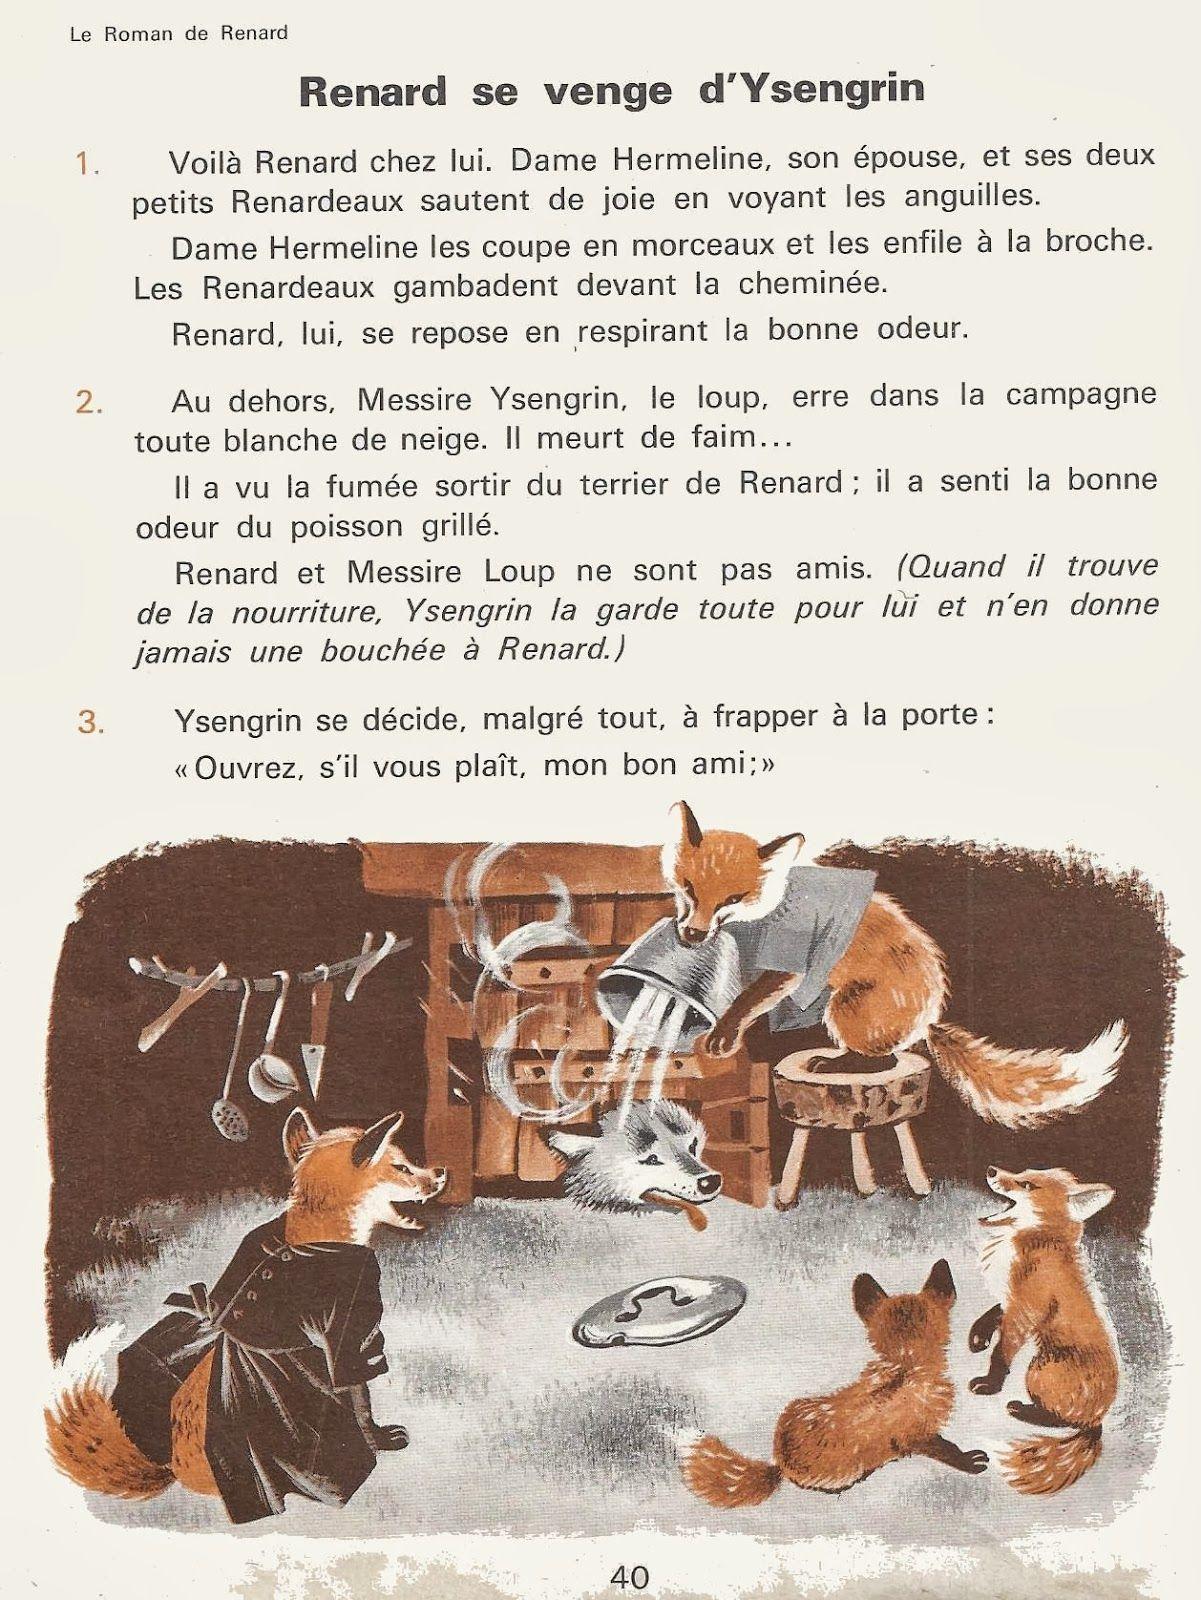 4 Aventures De Renard Le Roman De Renart Aprender Frances Ilustracoes Criatividade